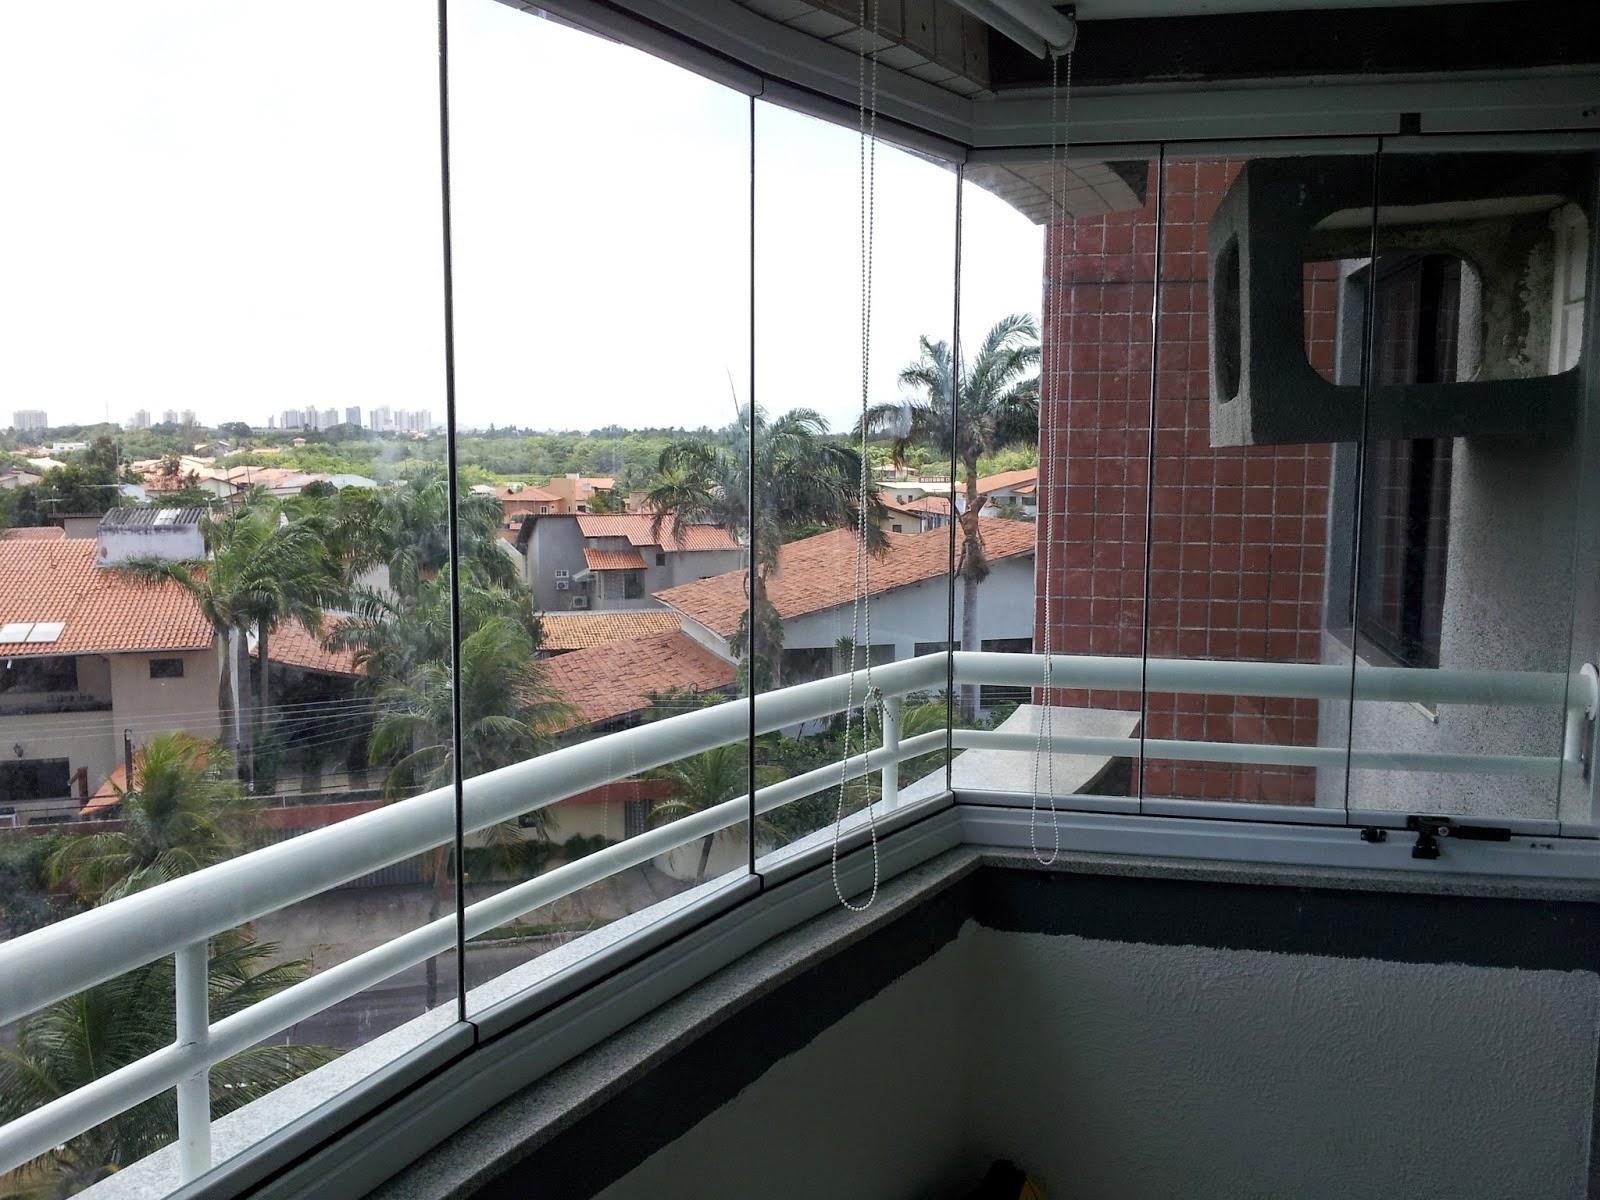 #865645 Criativo Vidraçaria: Cortina de vidro em Fortaleza 92 Janelas De Vidro Em Fortaleza Ce